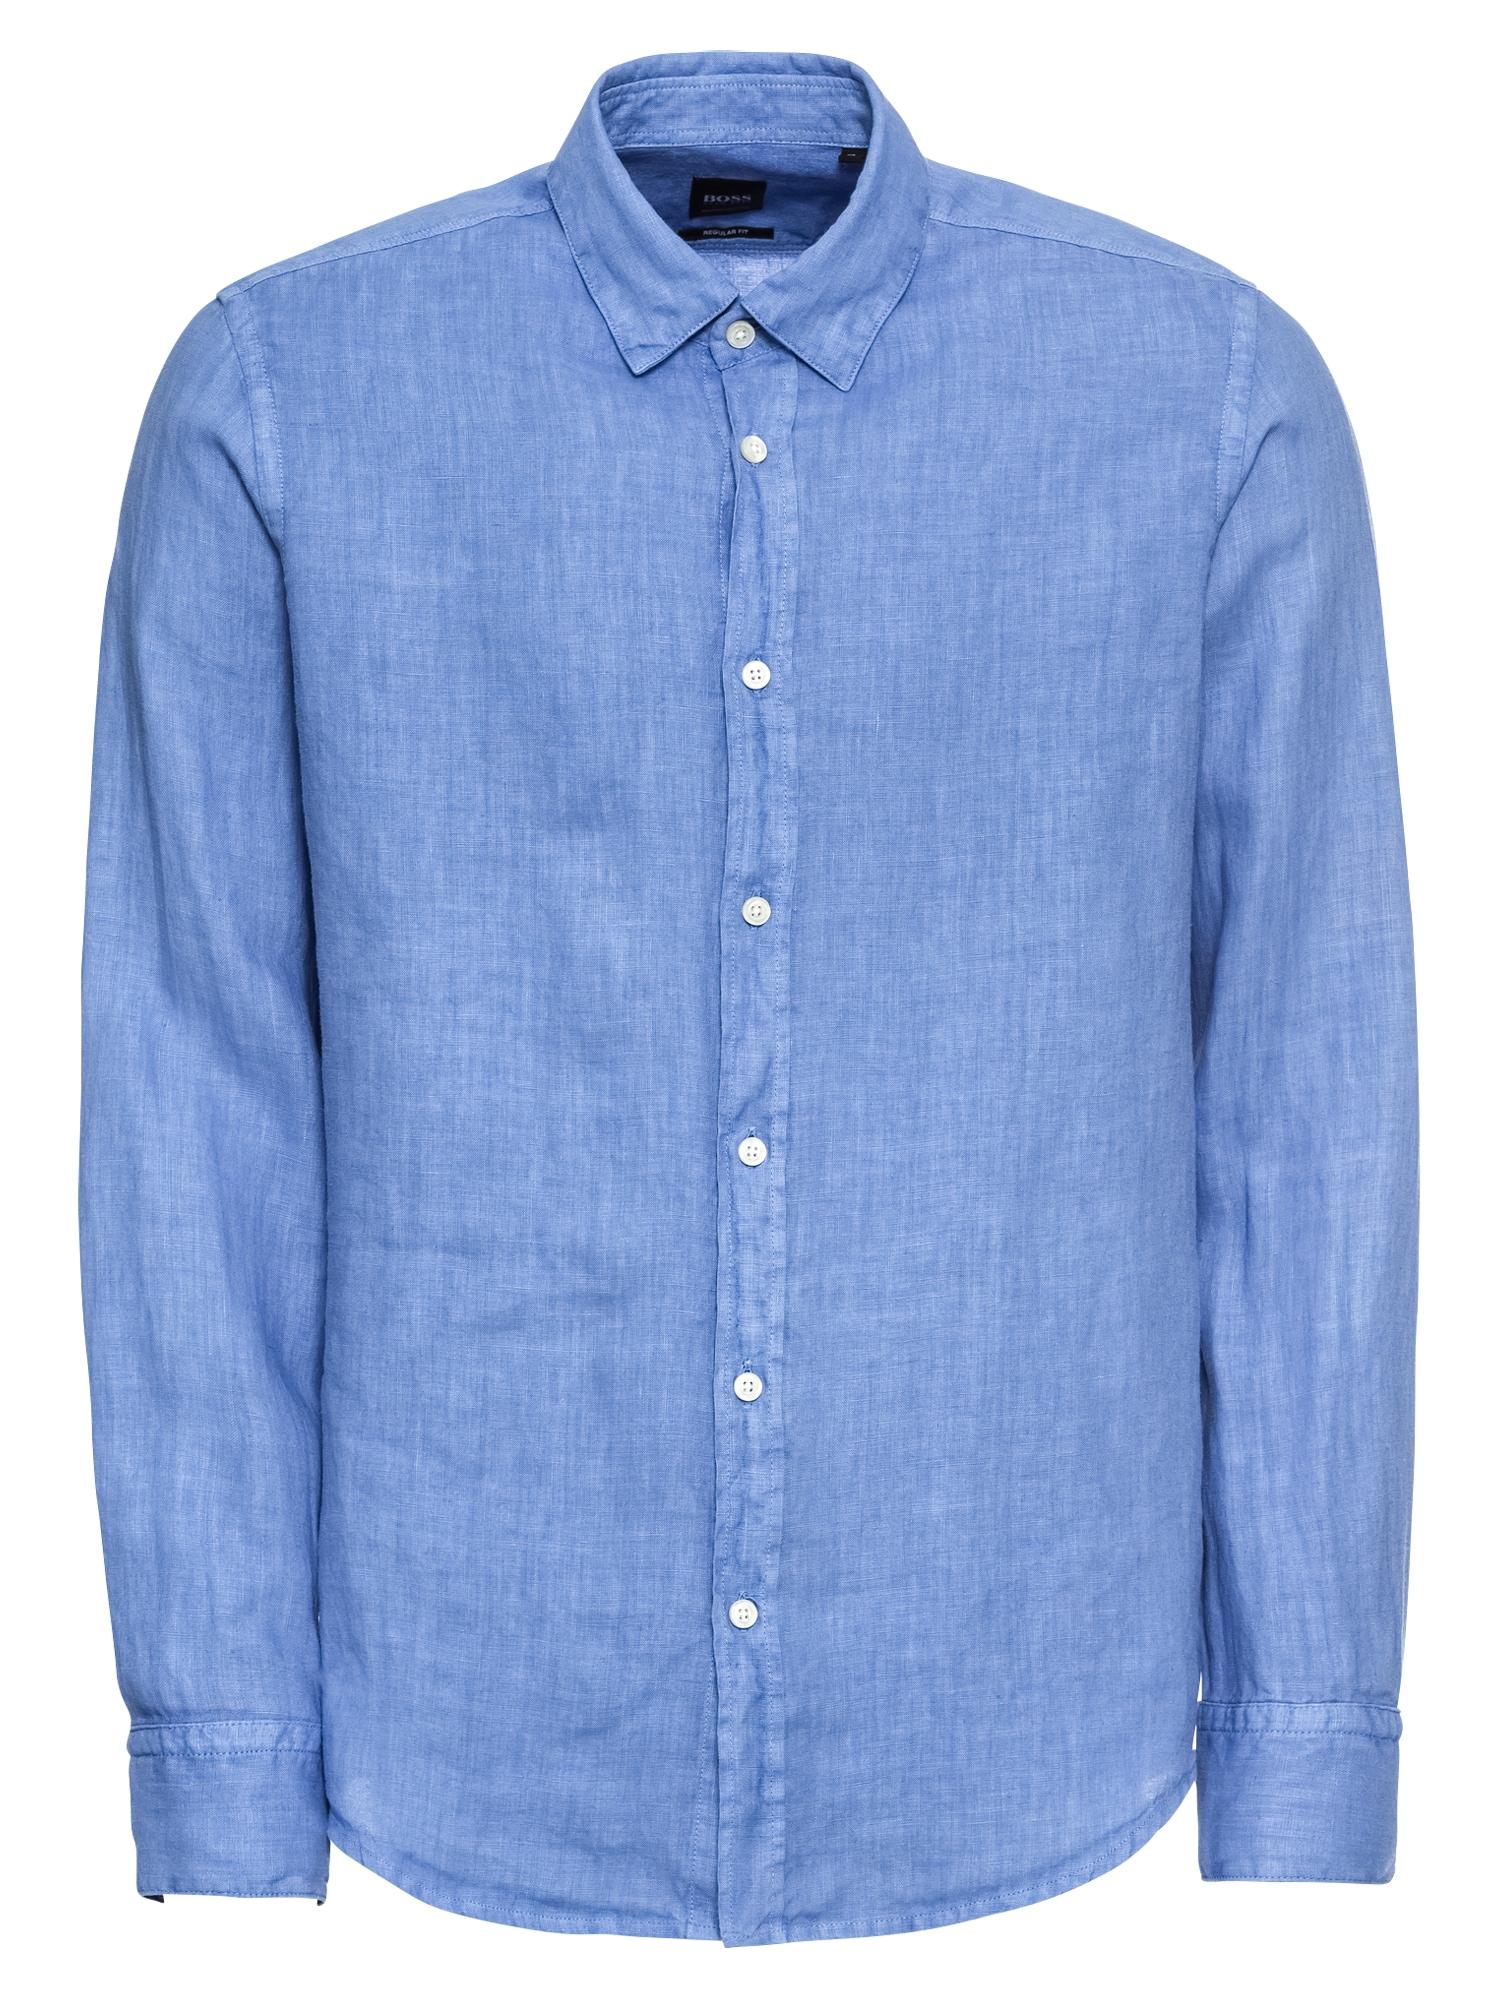 Košile Relegant_1 10169252 01 nebeská modř BOSS